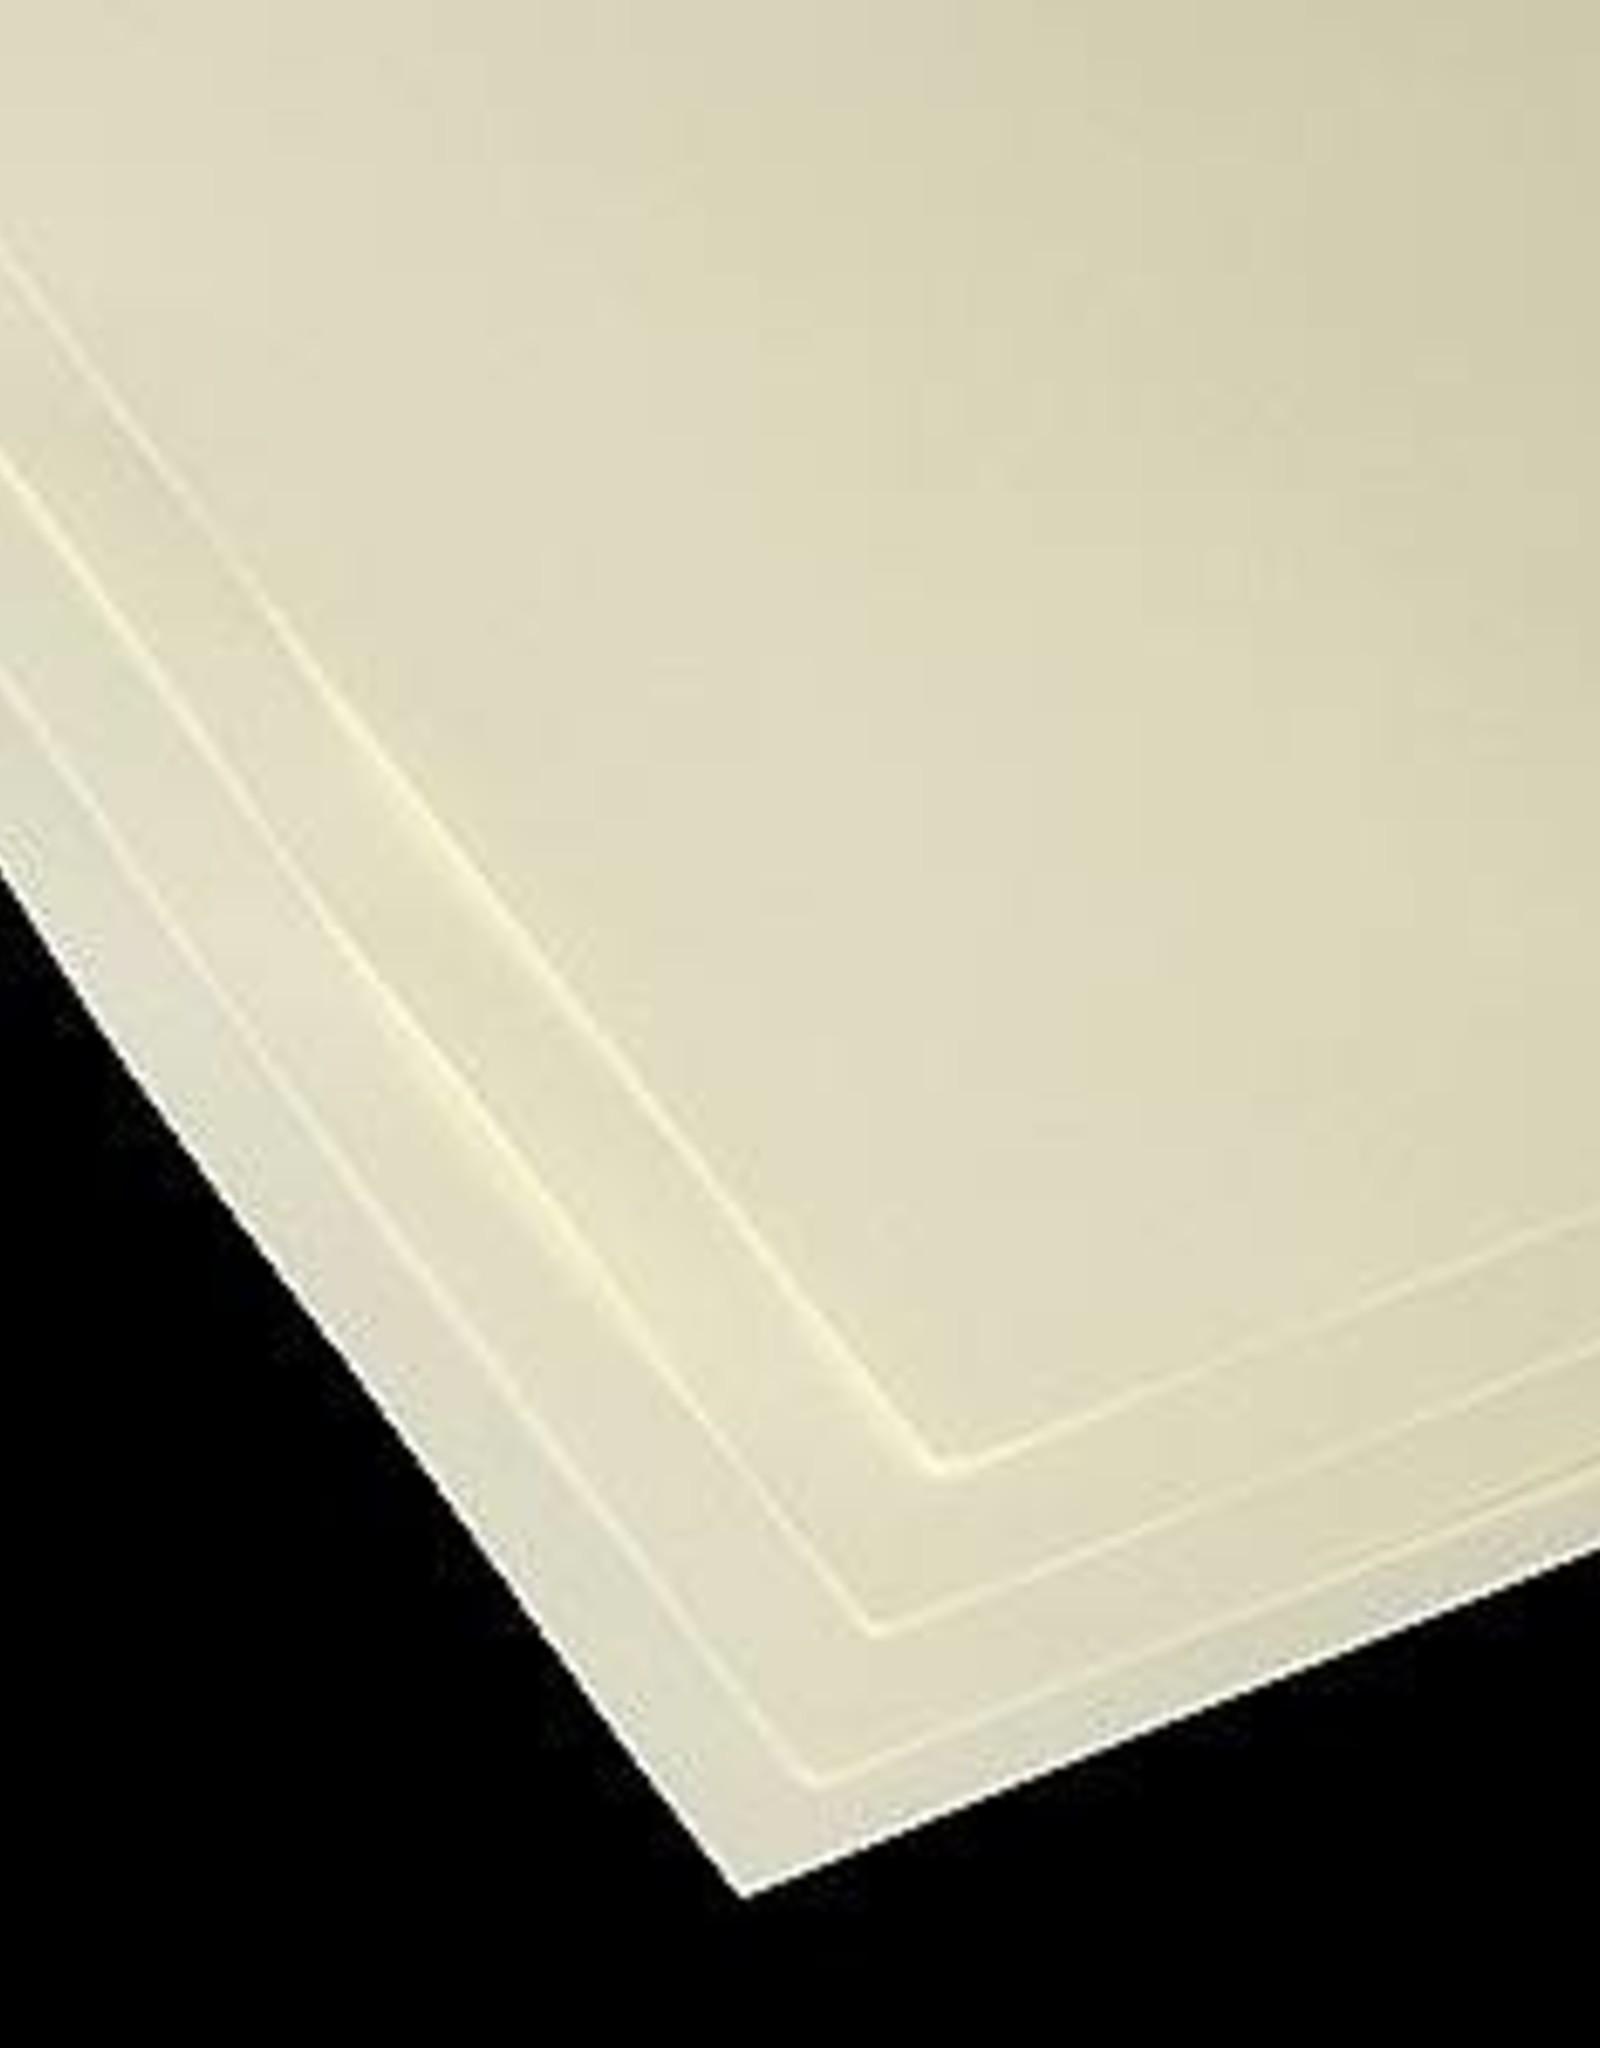 schut Goede studiekwaliteit glad gestreken papier, nauwelijks gelijmd, vooral geschikt voor lino, hout, zeefdruk en lithografie